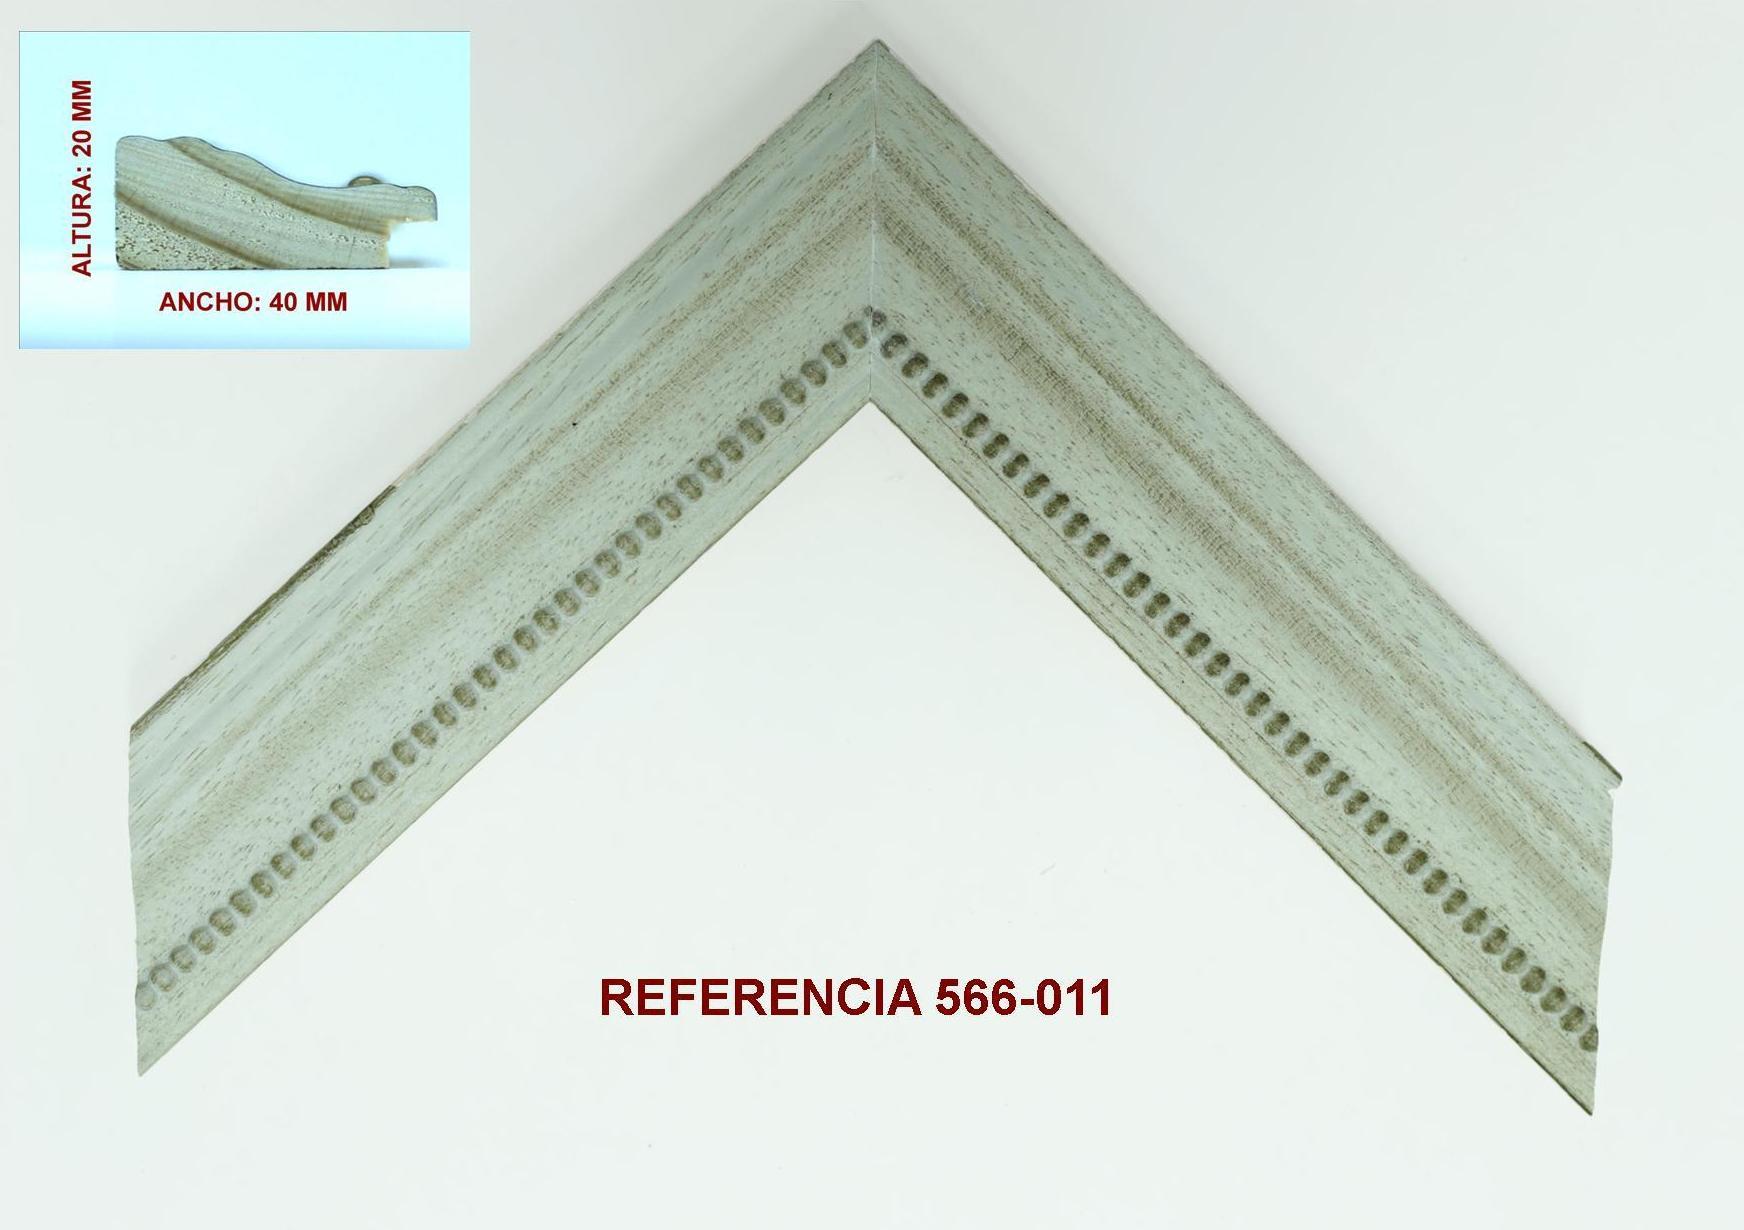 REF 566-011